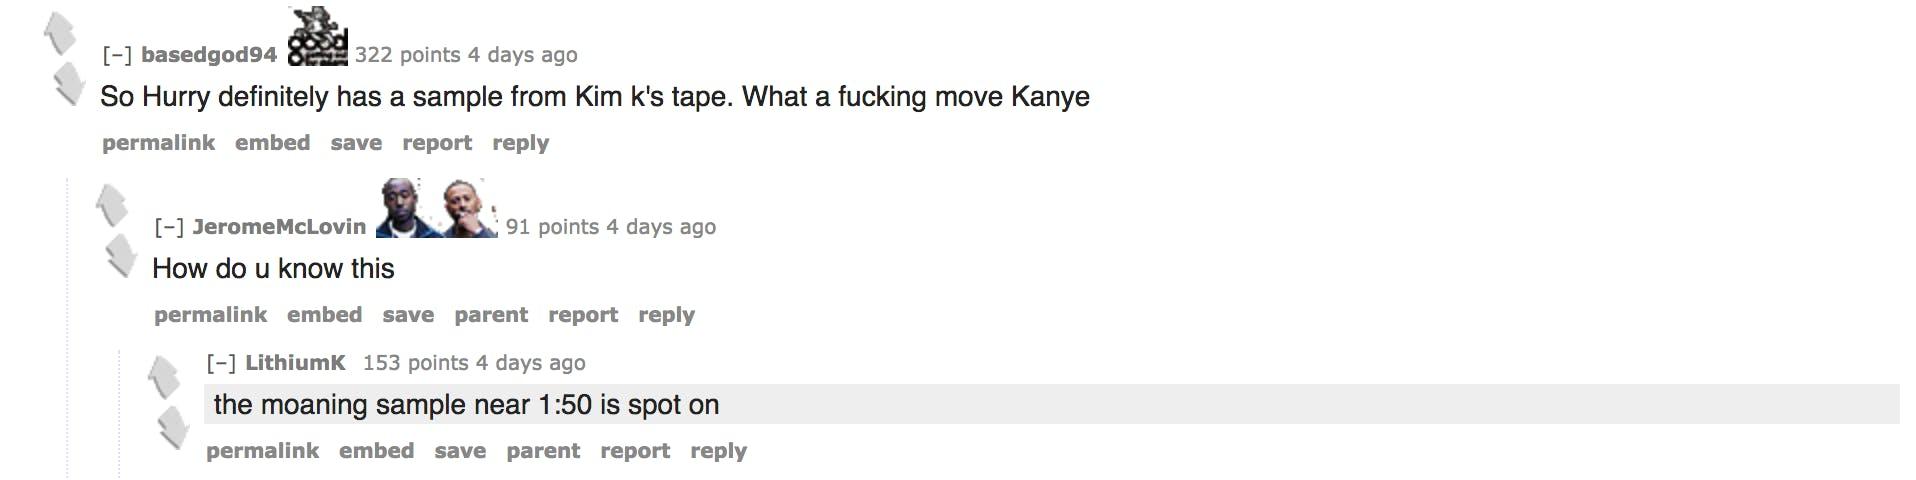 Kanye_Reddit